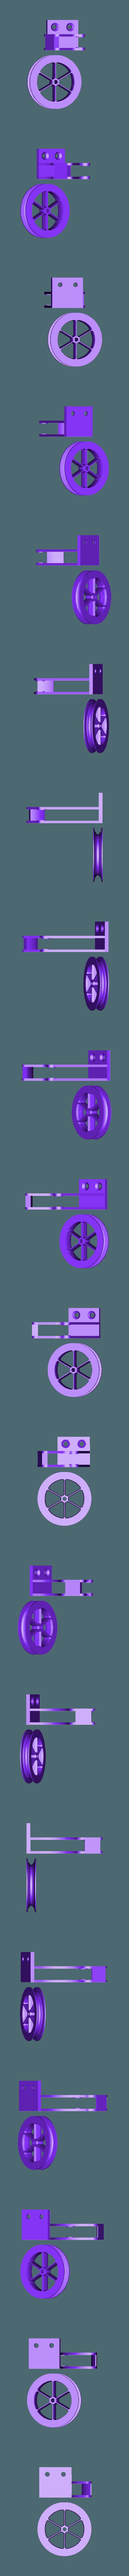 guide_fil_caisson.stl Télécharger fichier STL gratuit guide filamant avec poulie pour caisson • Objet pour imprimante 3D, Cyborg